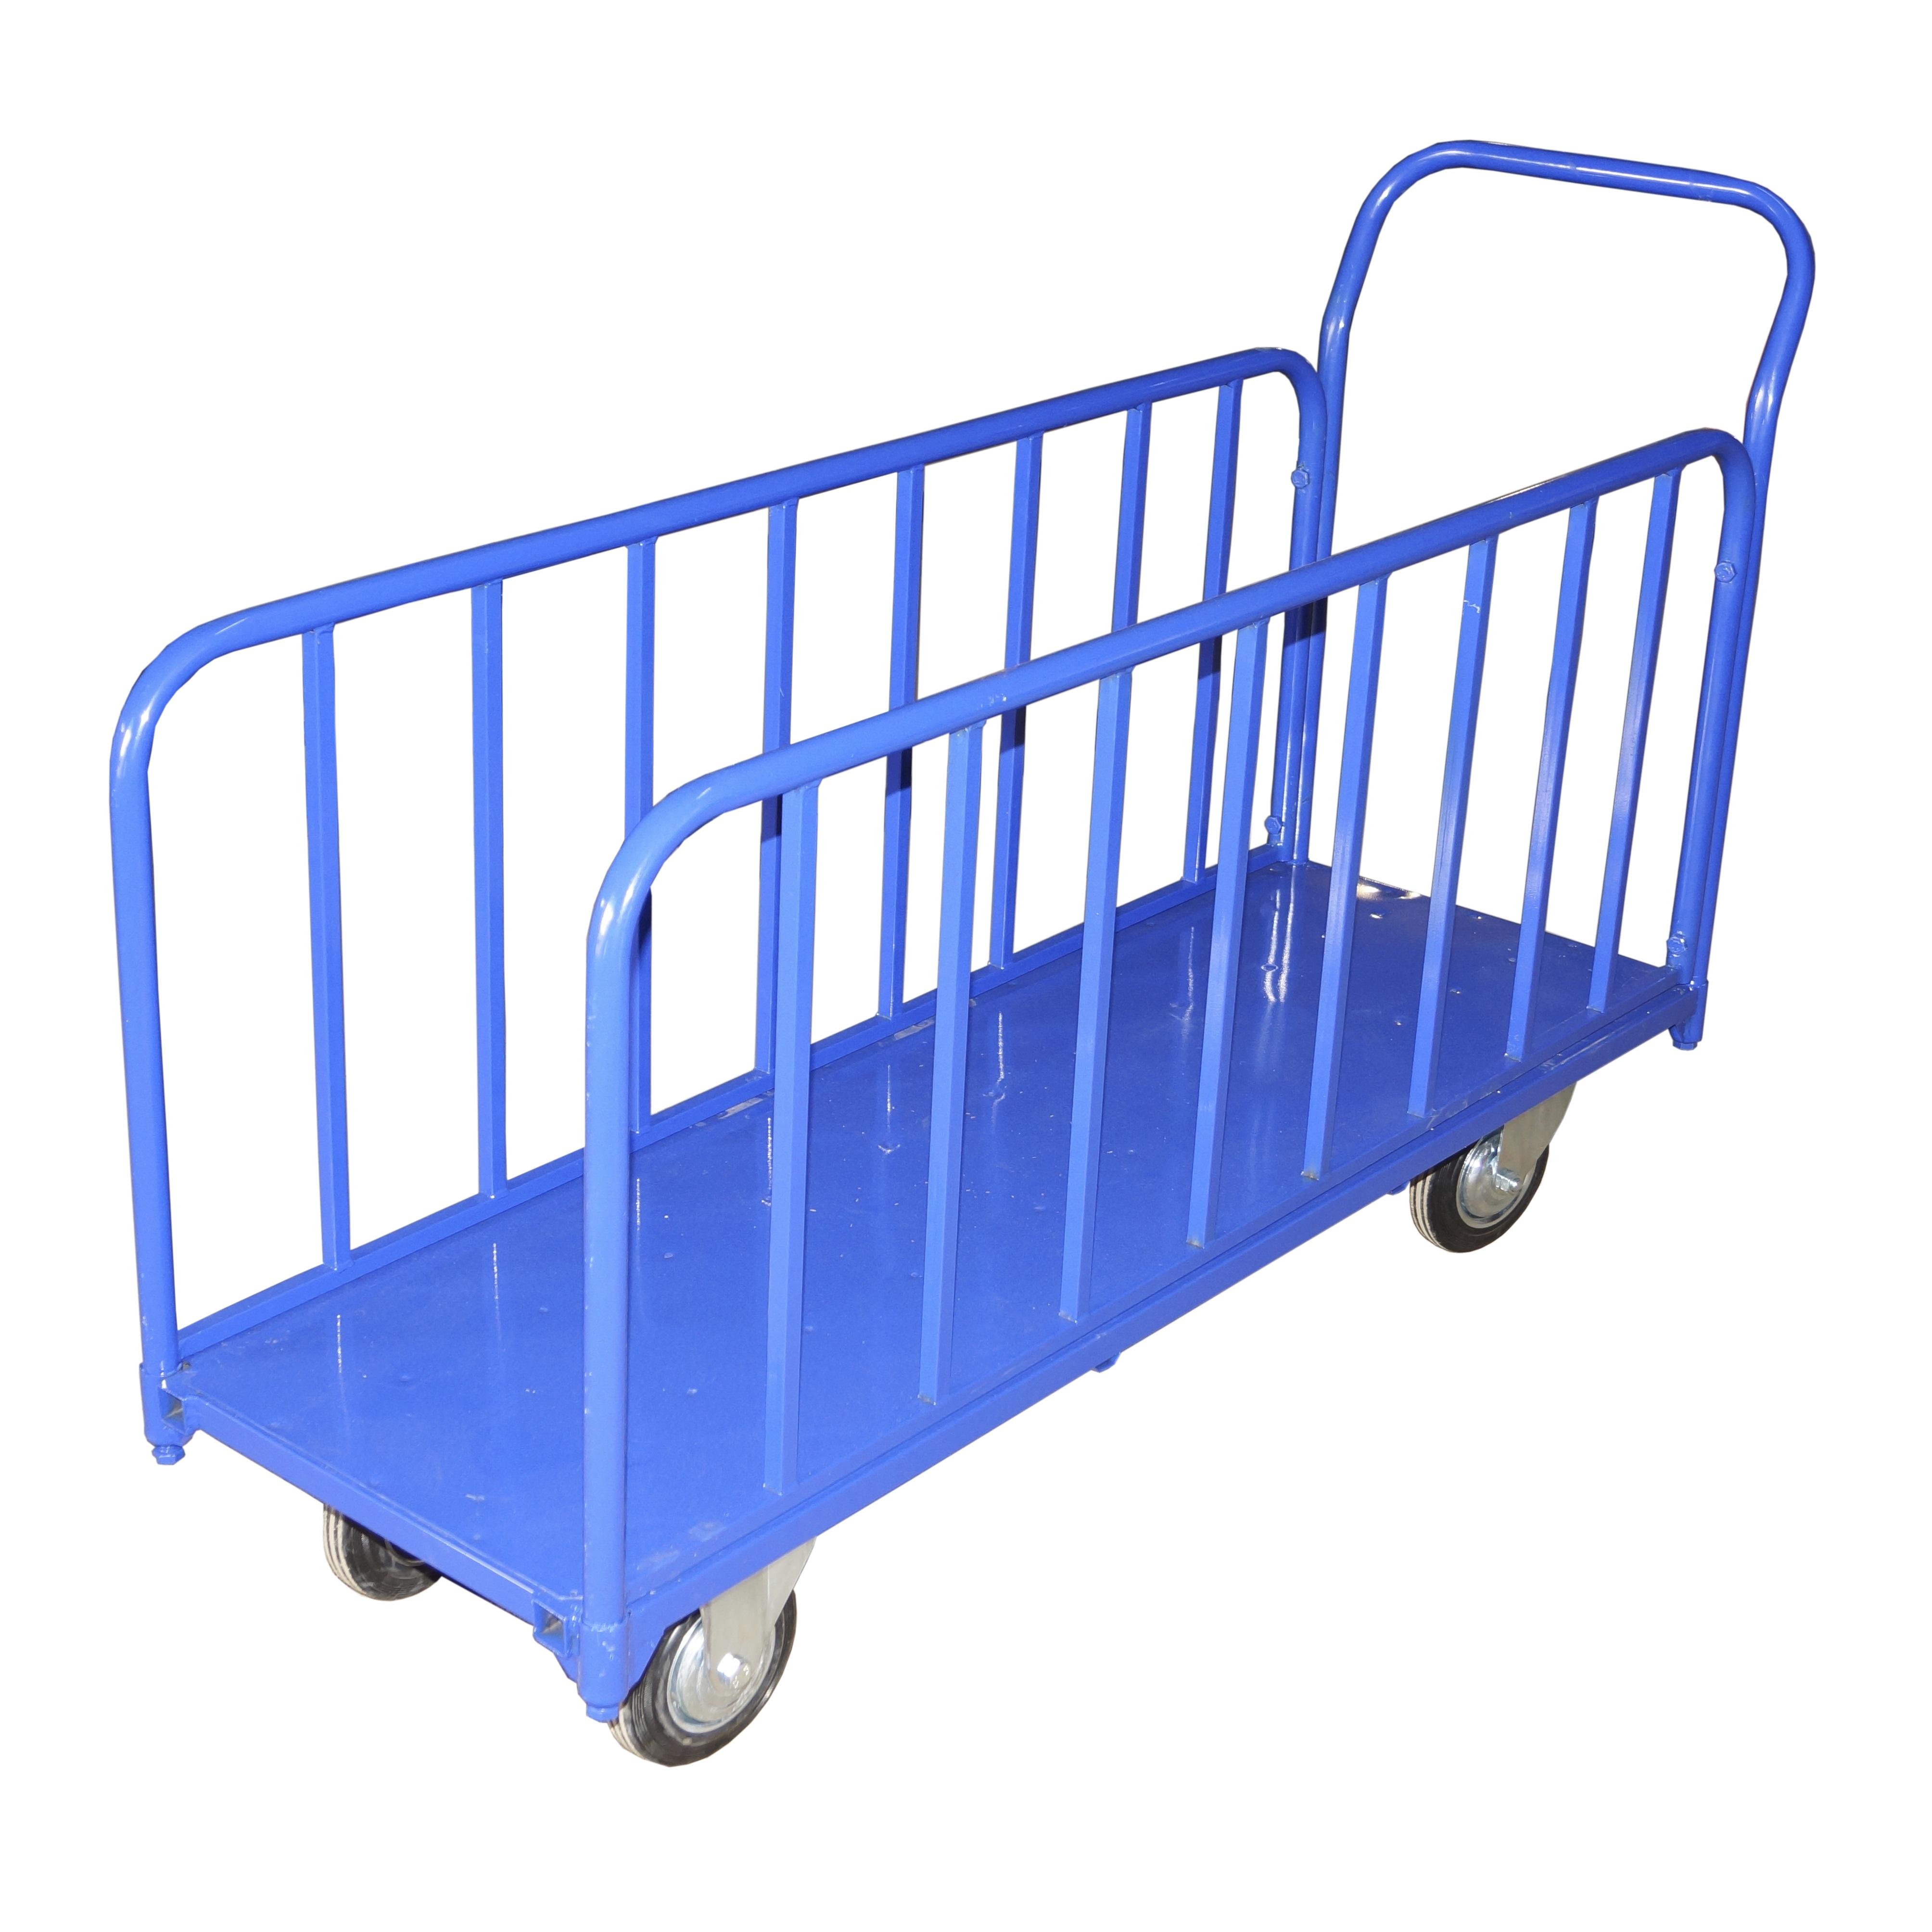 ДЛ Тележка для перевозки длинномерных грузов